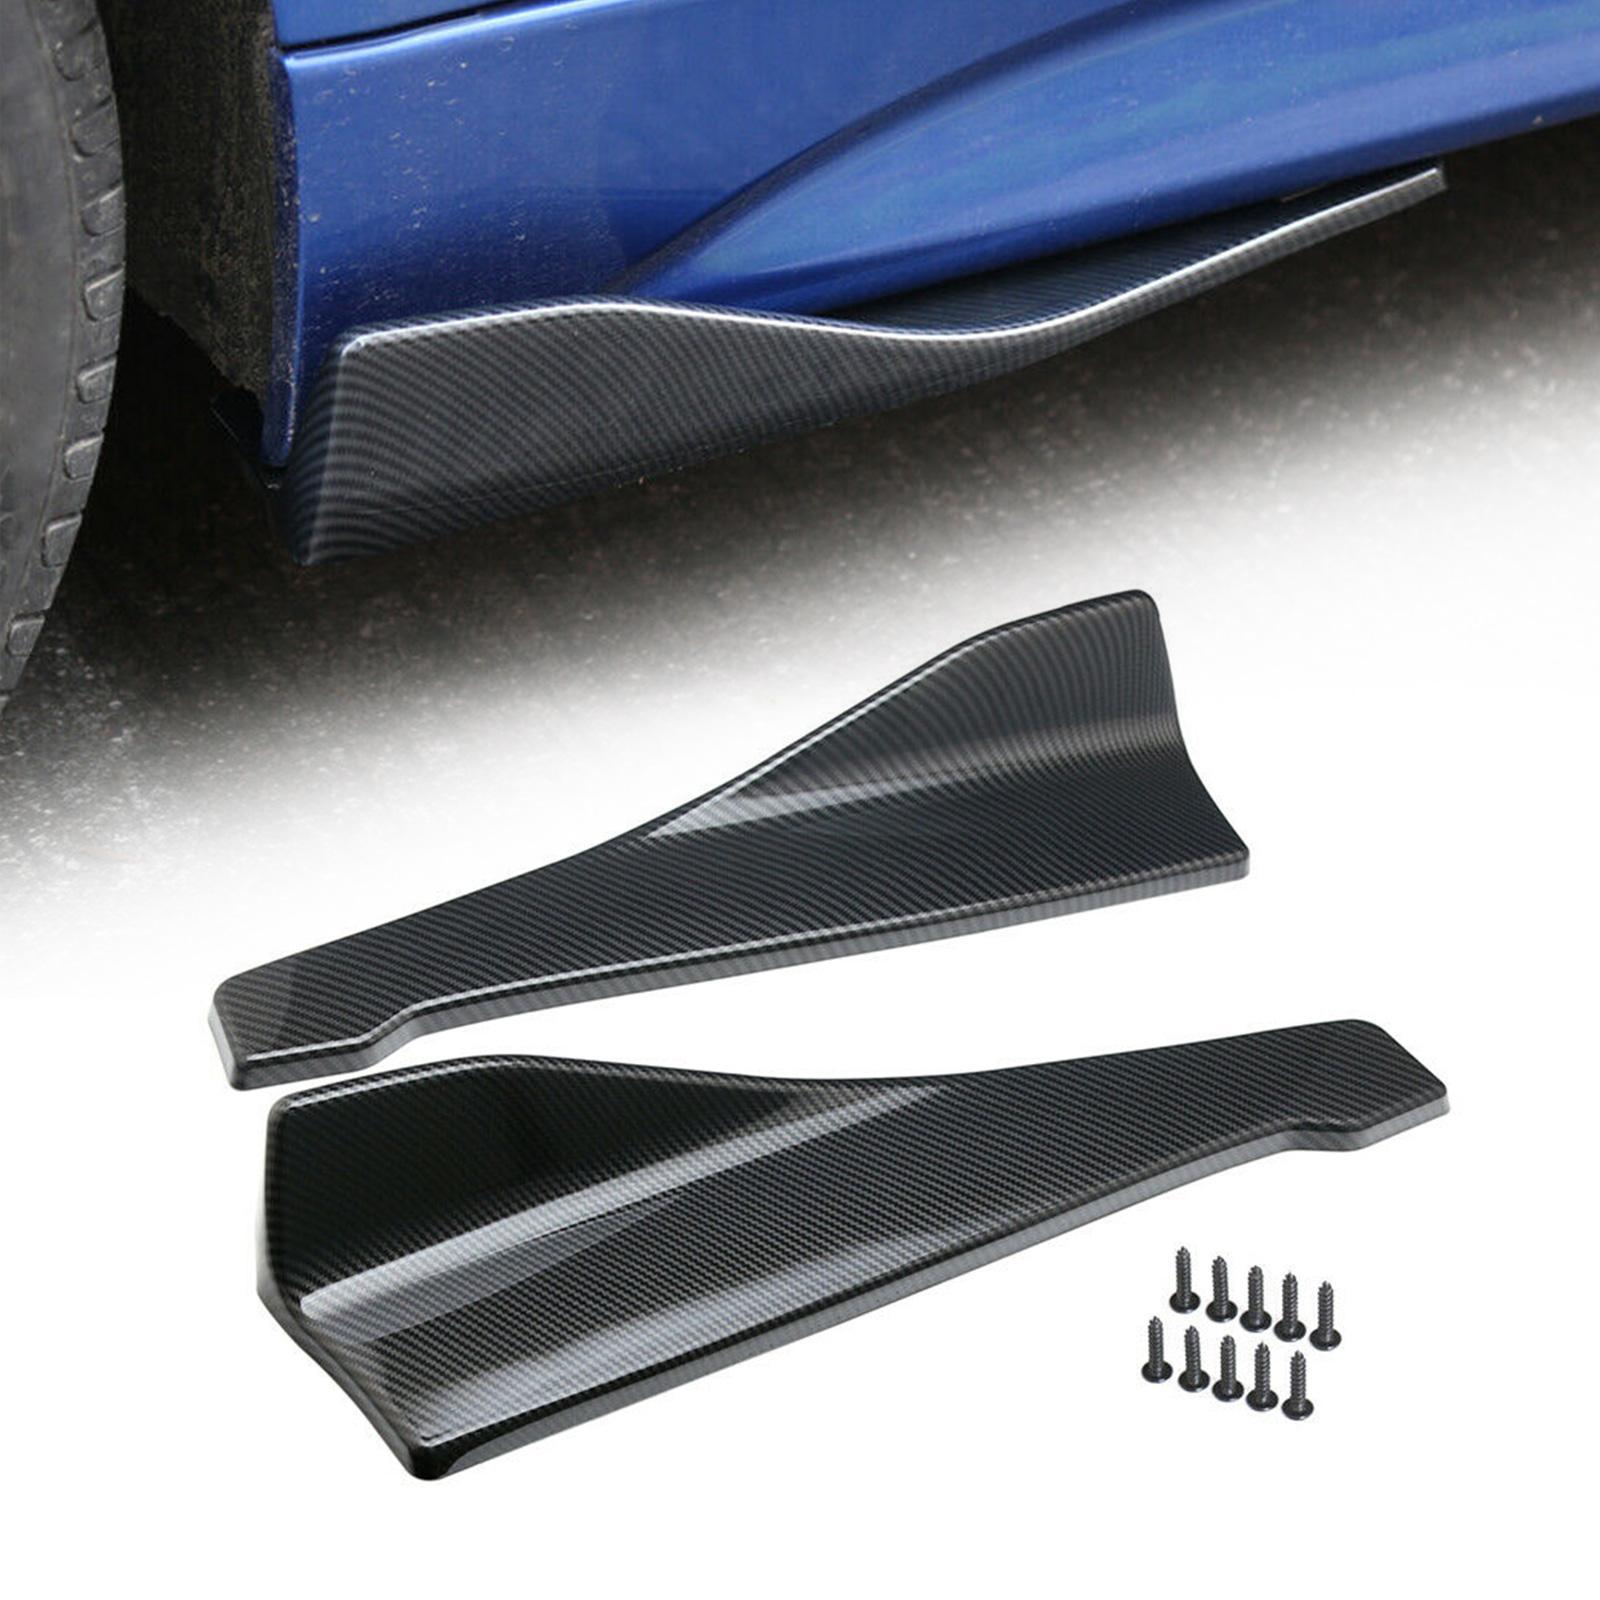 Areyourshop Автомобиль 48см юбка спойлер сзади для губ / бокового удлинительного удлинительных сплиттеров Winglet Wings автомобильные аксессуары